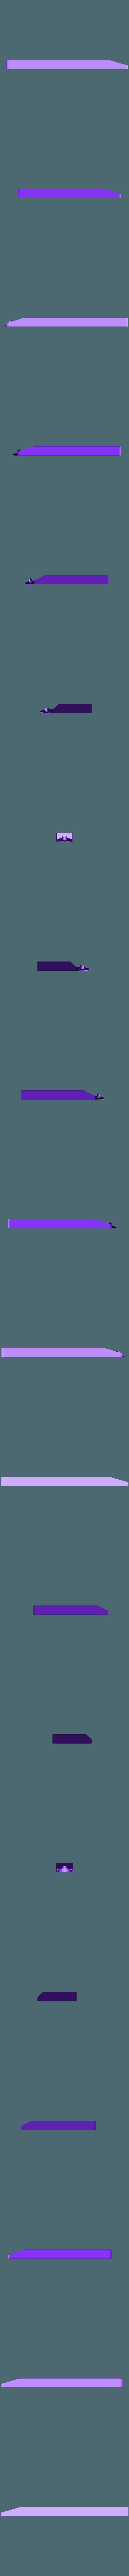 BSL_Tube_foot.stl Download free STL file Bedside Lamp (Tube), LED 12V 2.5W • 3D printer model, Seabird